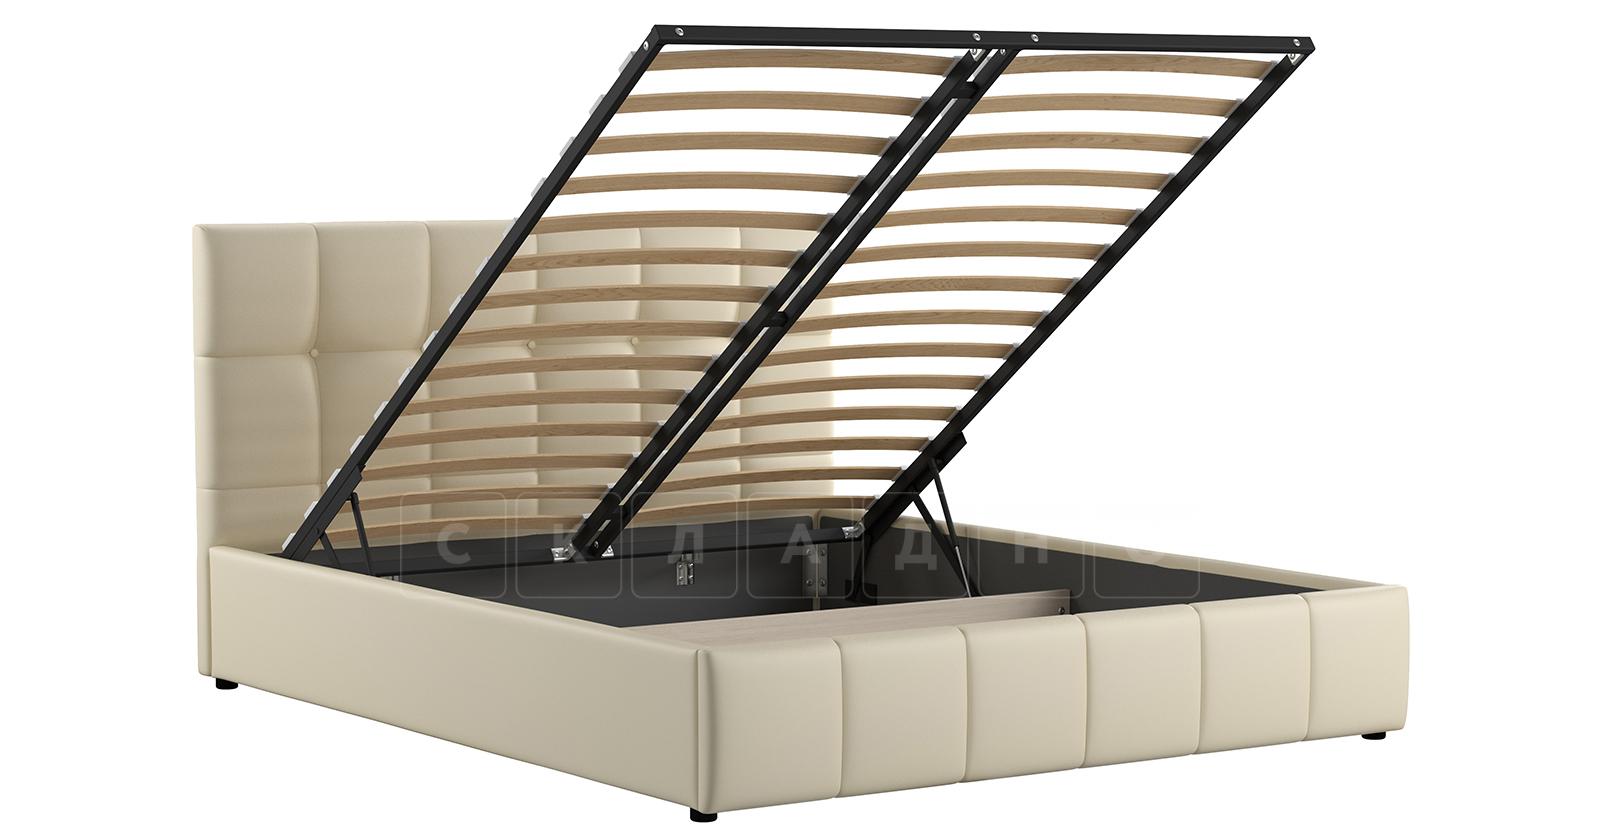 Мягкая кровать Хлоя 160 см сливочный с подъемным механизмом фото 2   интернет-магазин Складно